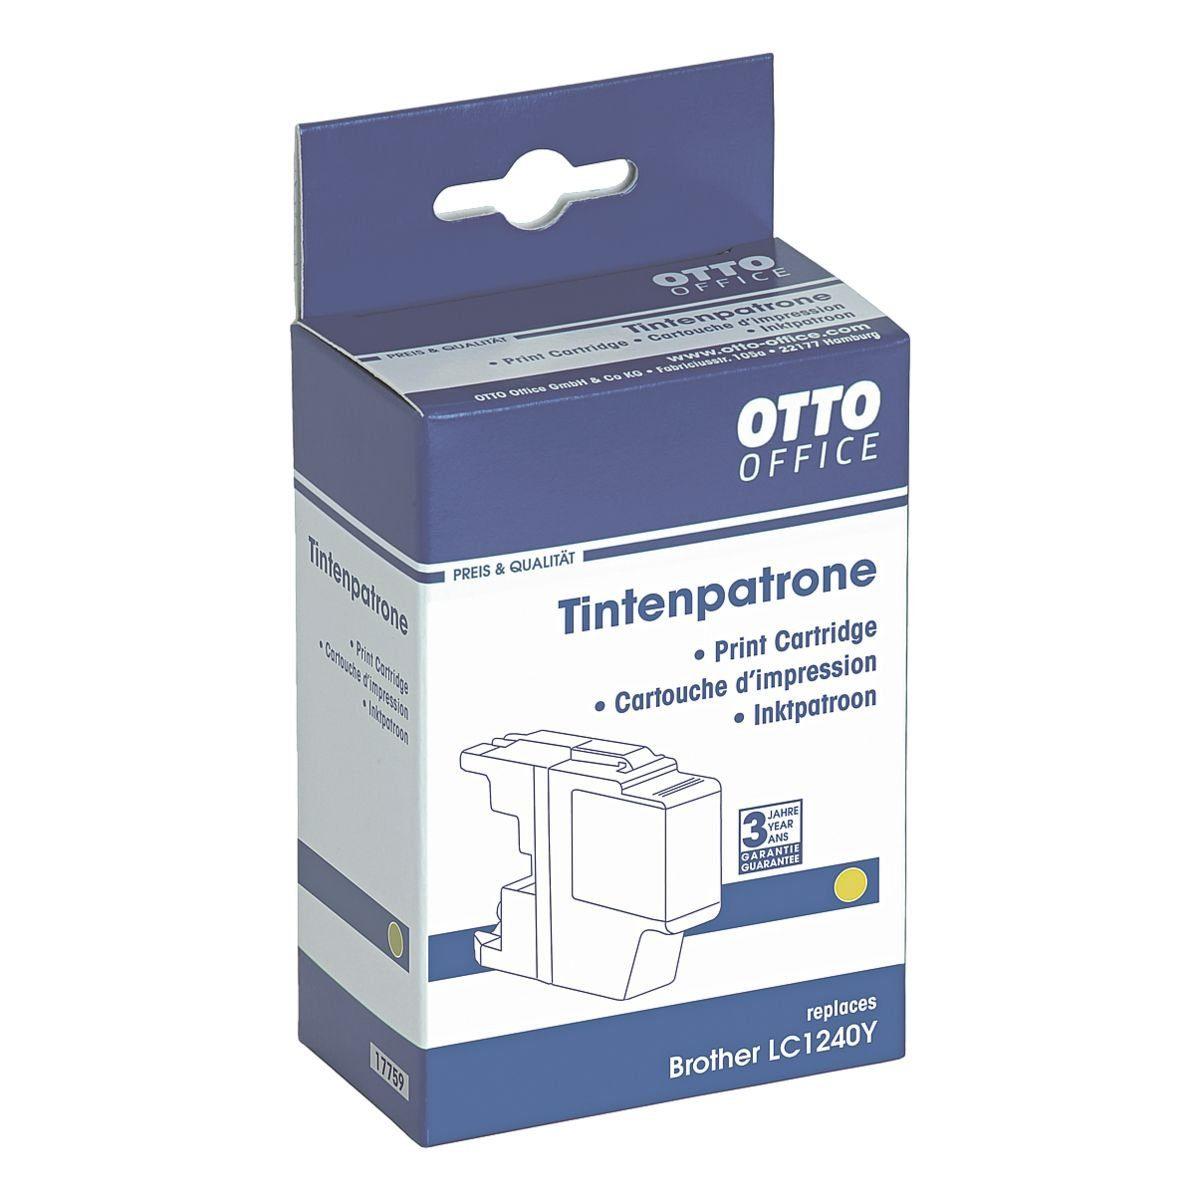 OTTO Office Standard Tintenpatrone ersetzt Brother »LC1240Y«